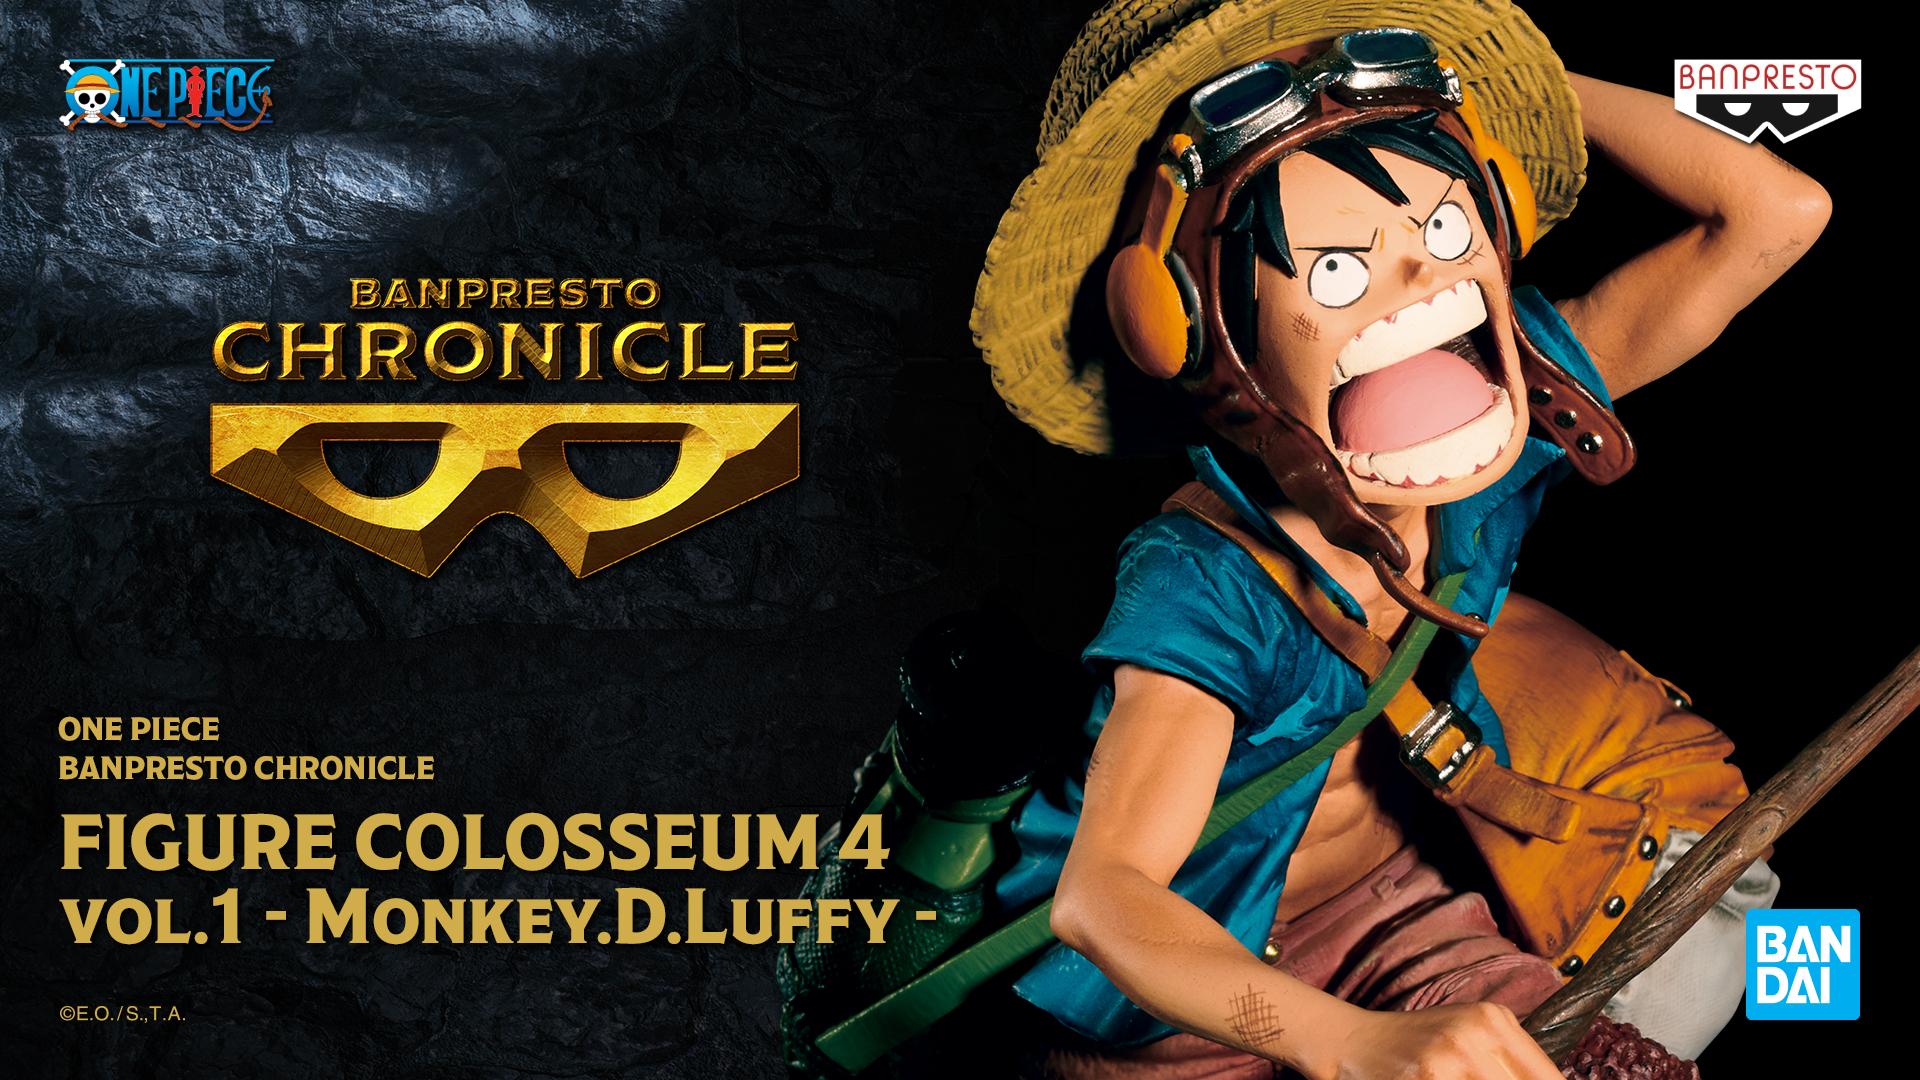 Monkey D. Luffy Banpresto Chronicle Figure